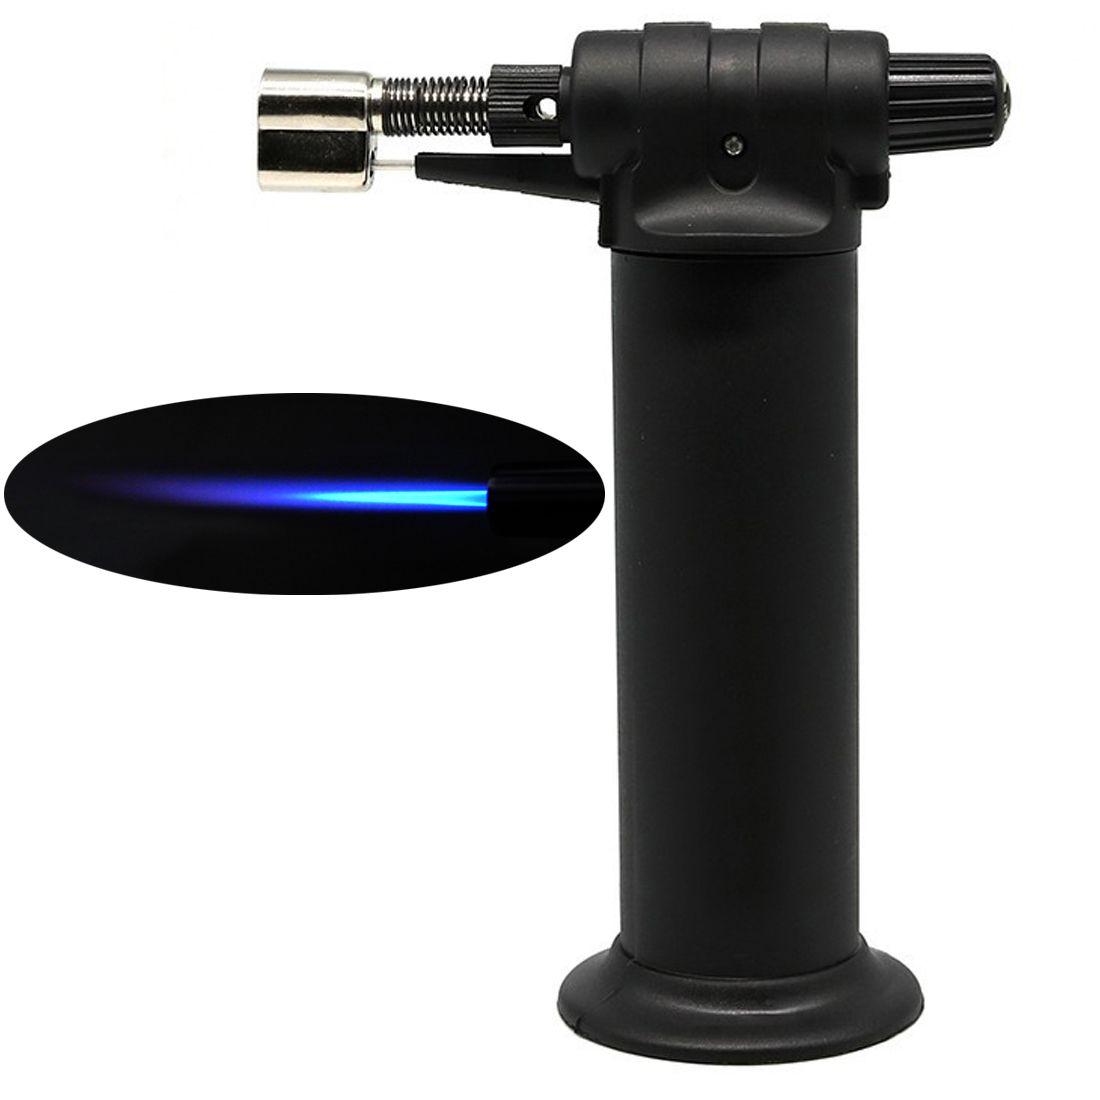 jm black kitchen blow torch - Kitchen Blowtorch